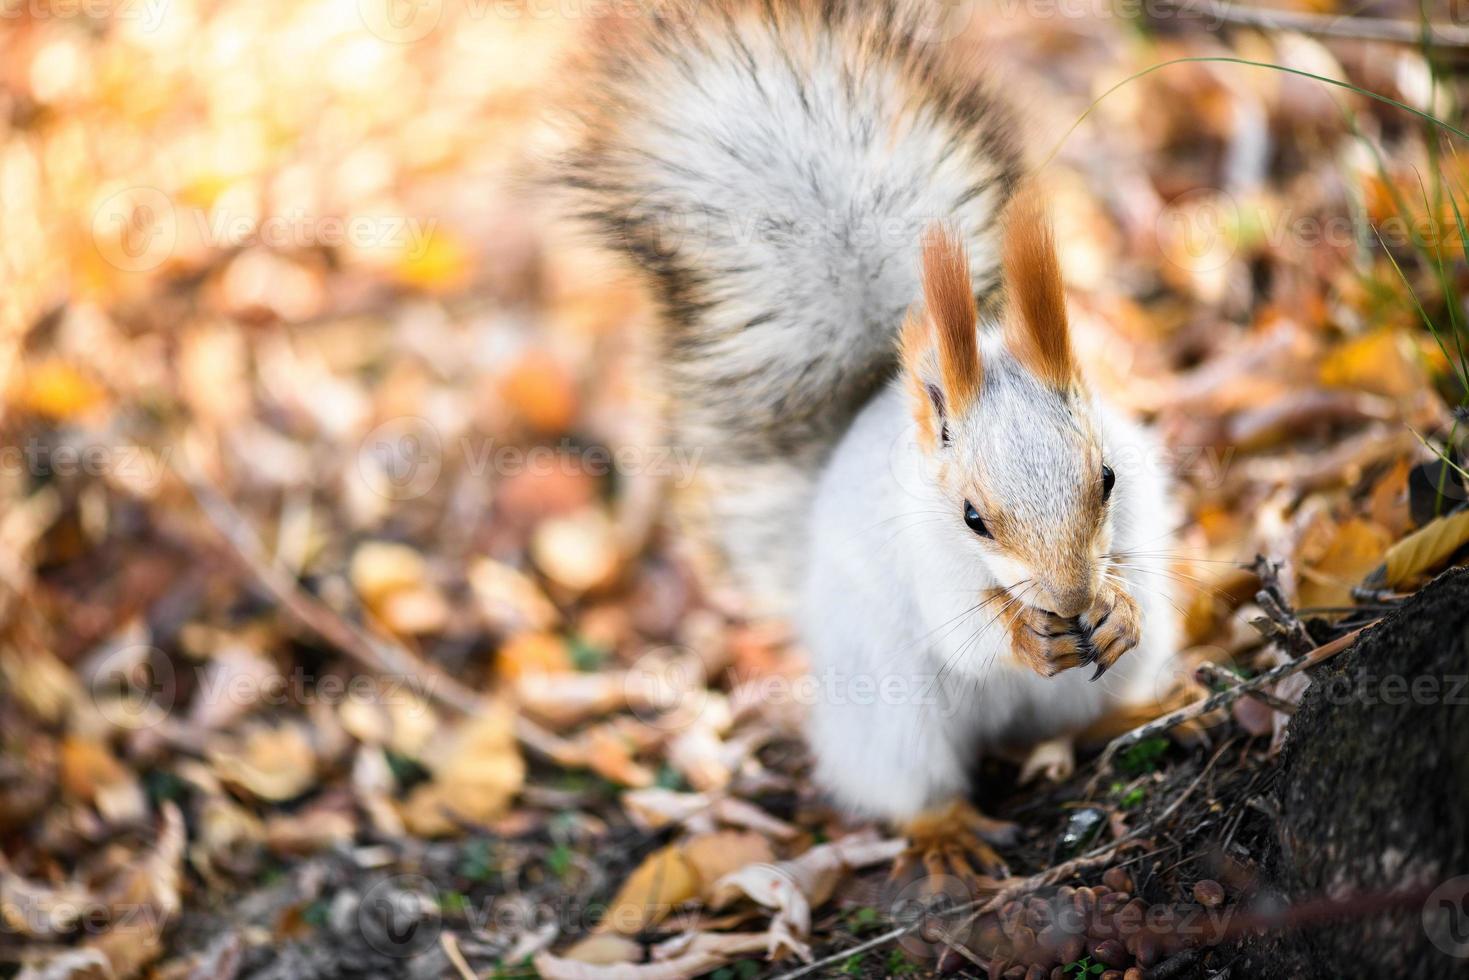 grijze eekhoorn eet zaad in de herfstbos foto